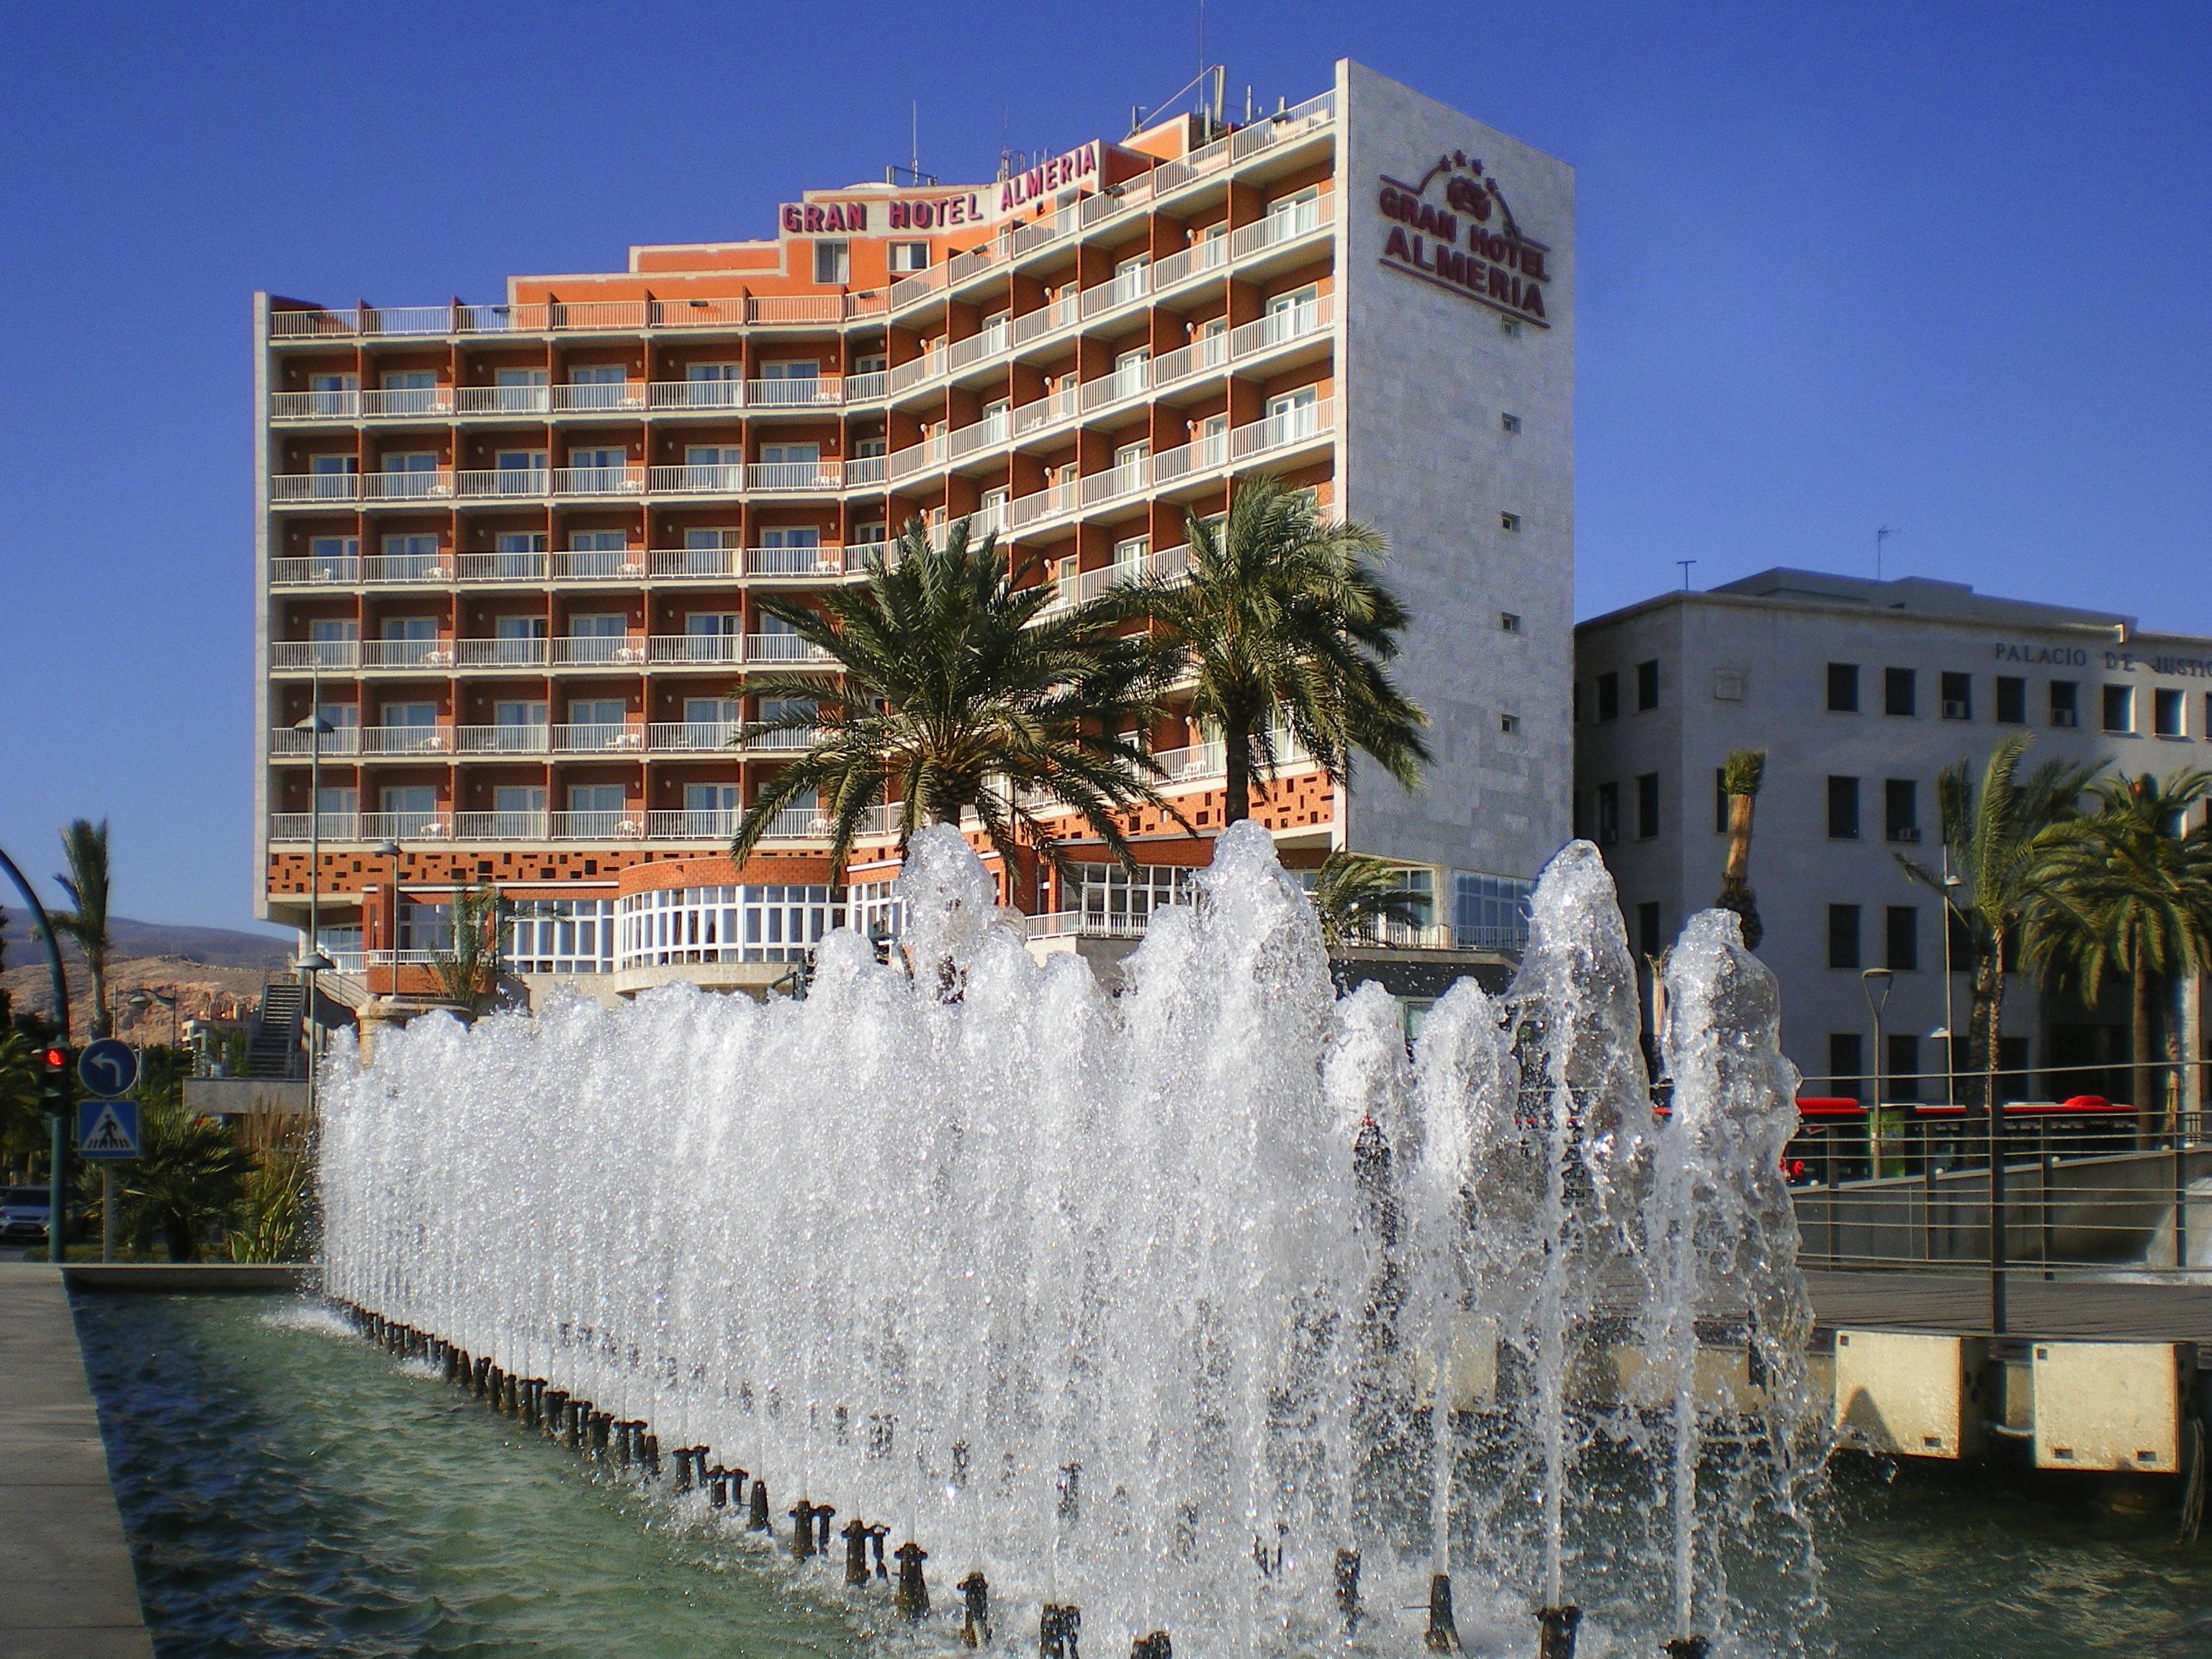 File gran hotel almer wikimedia commons - Hotel los patios almeria ...